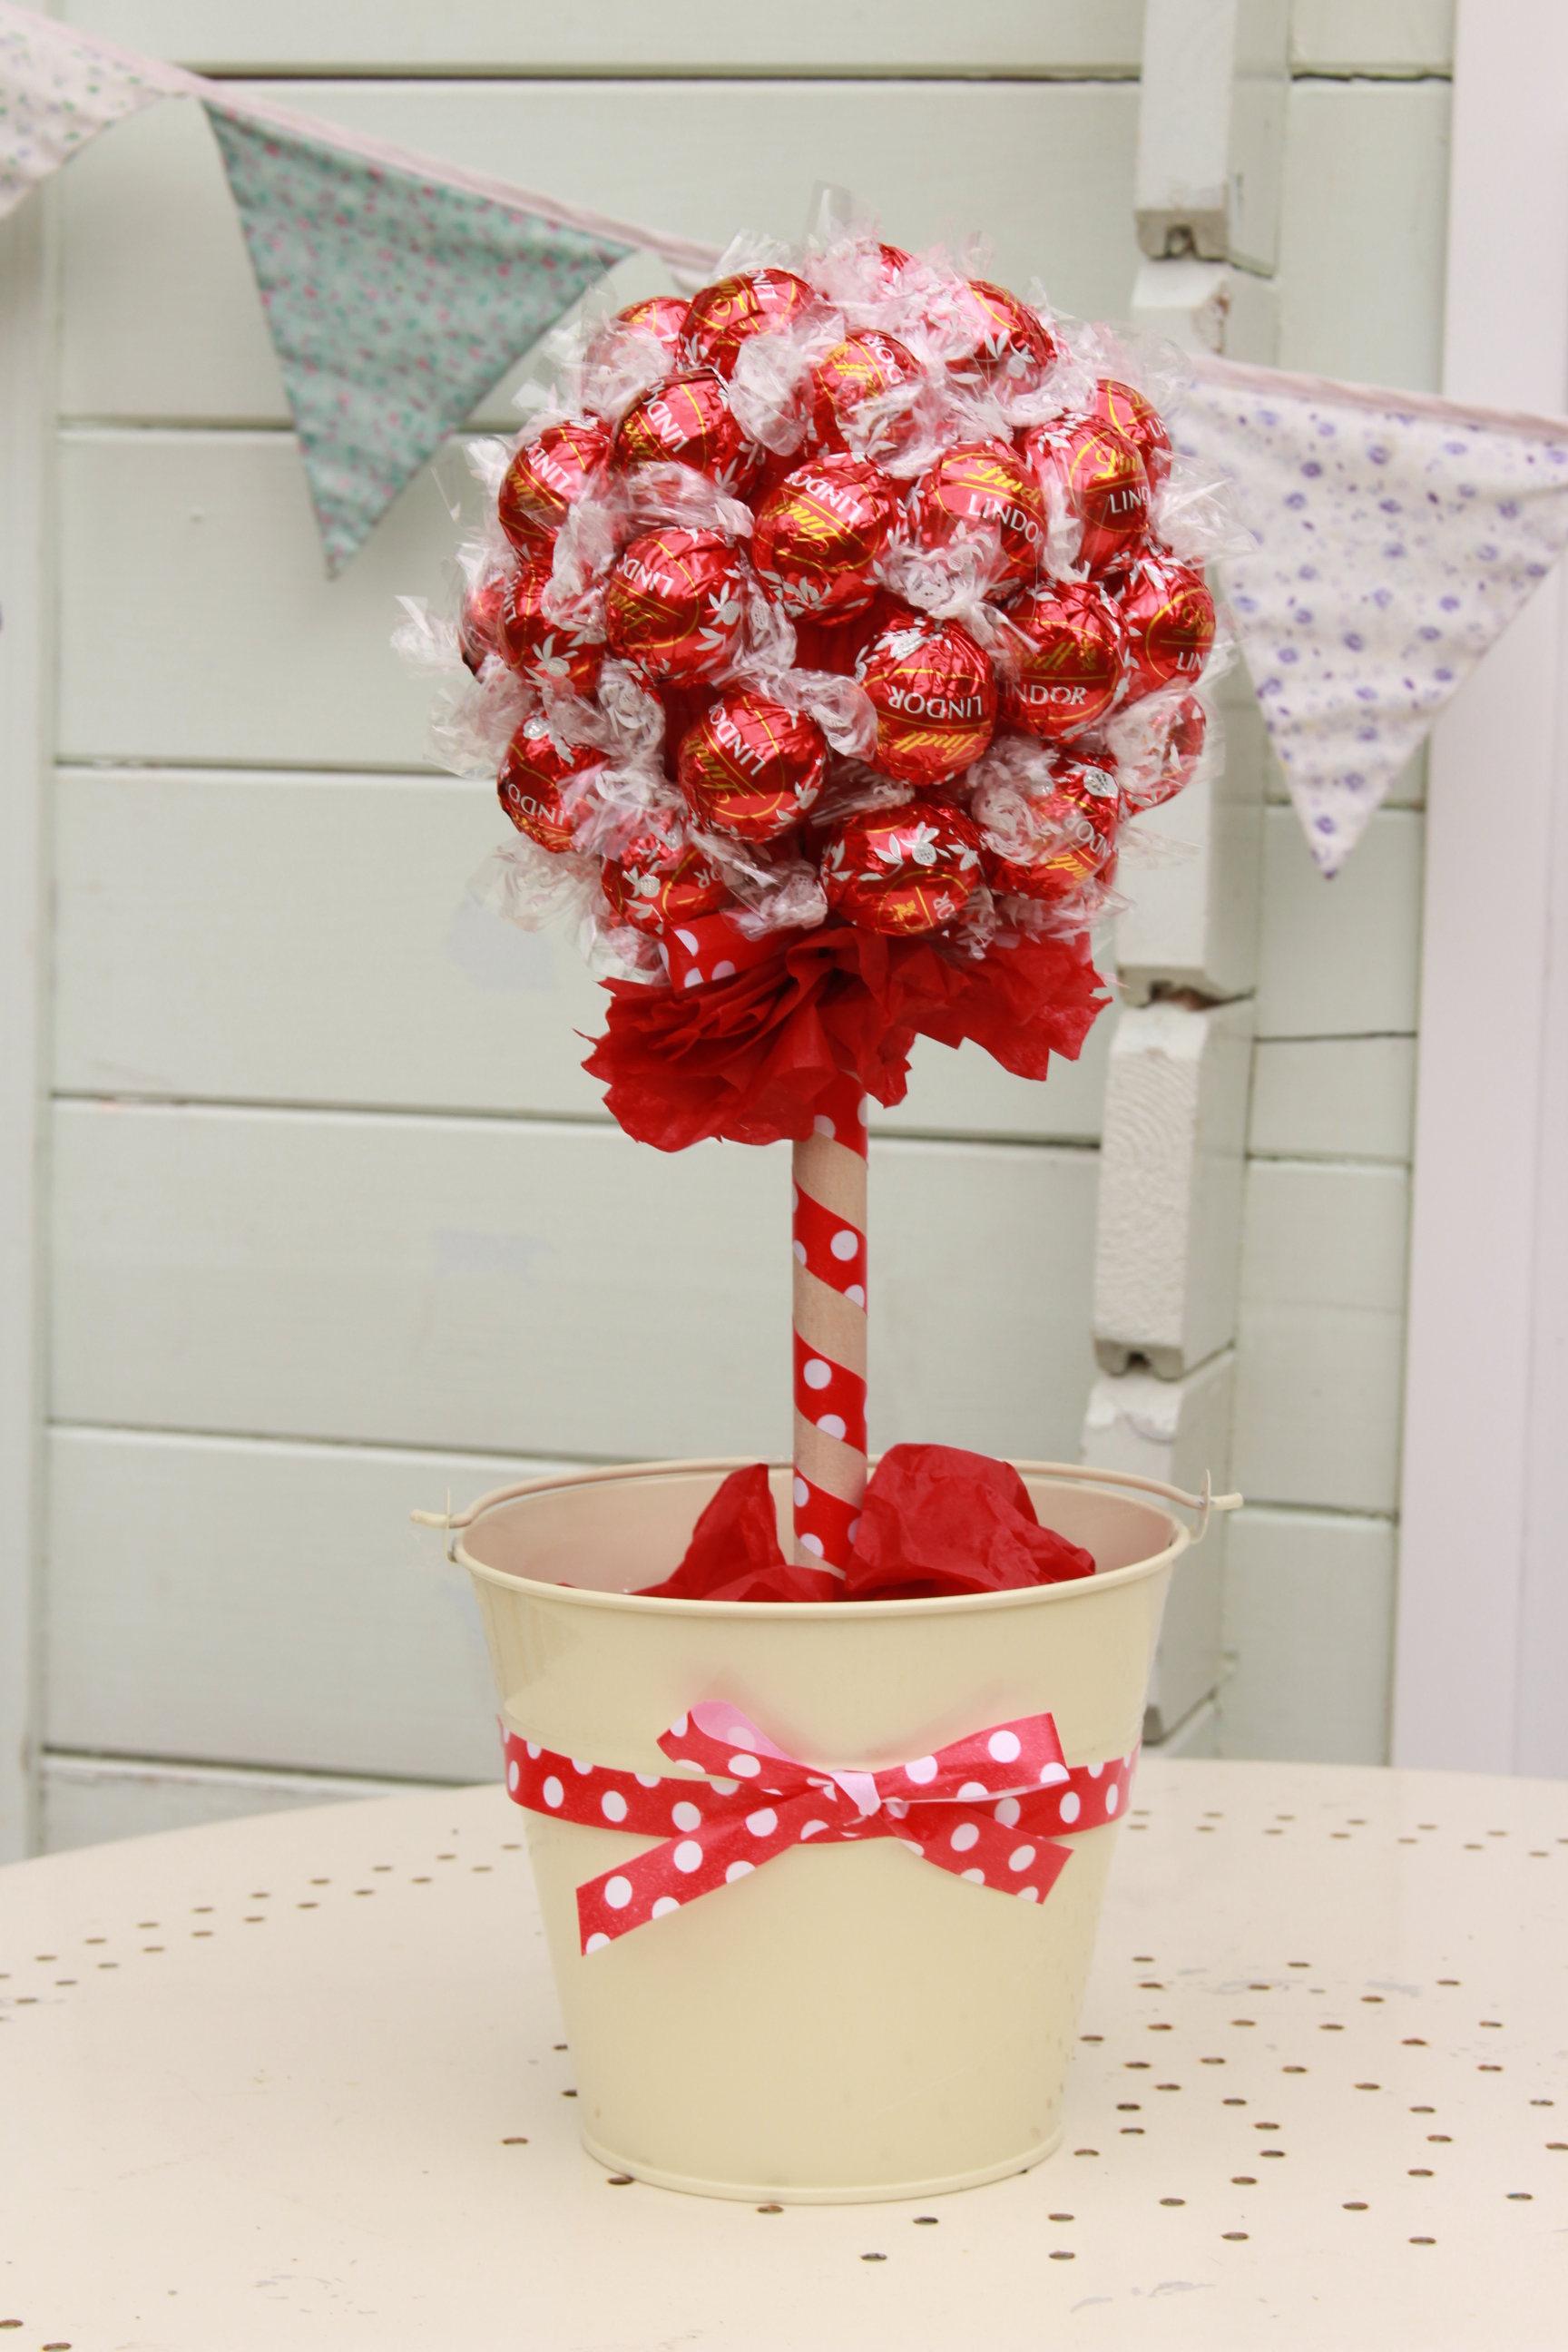 Подарок на 14 февраля своими руками дерево сладкое